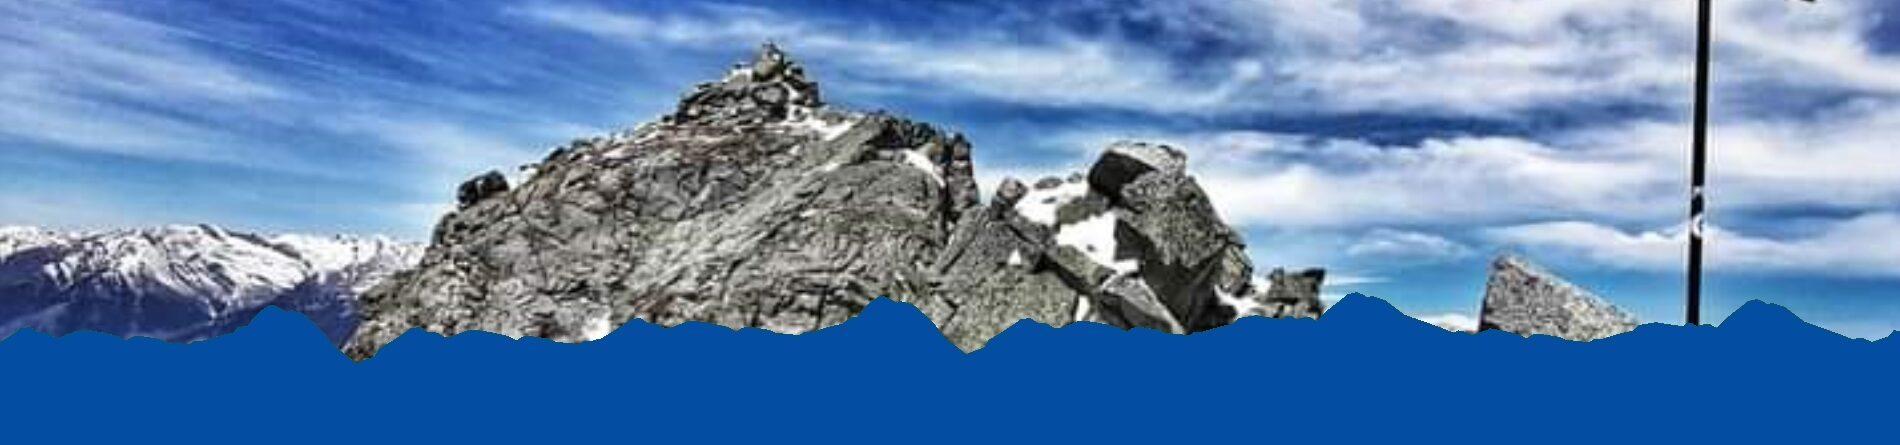 14.06.2021 Fussverletzung Heini Holzer Klettersteig